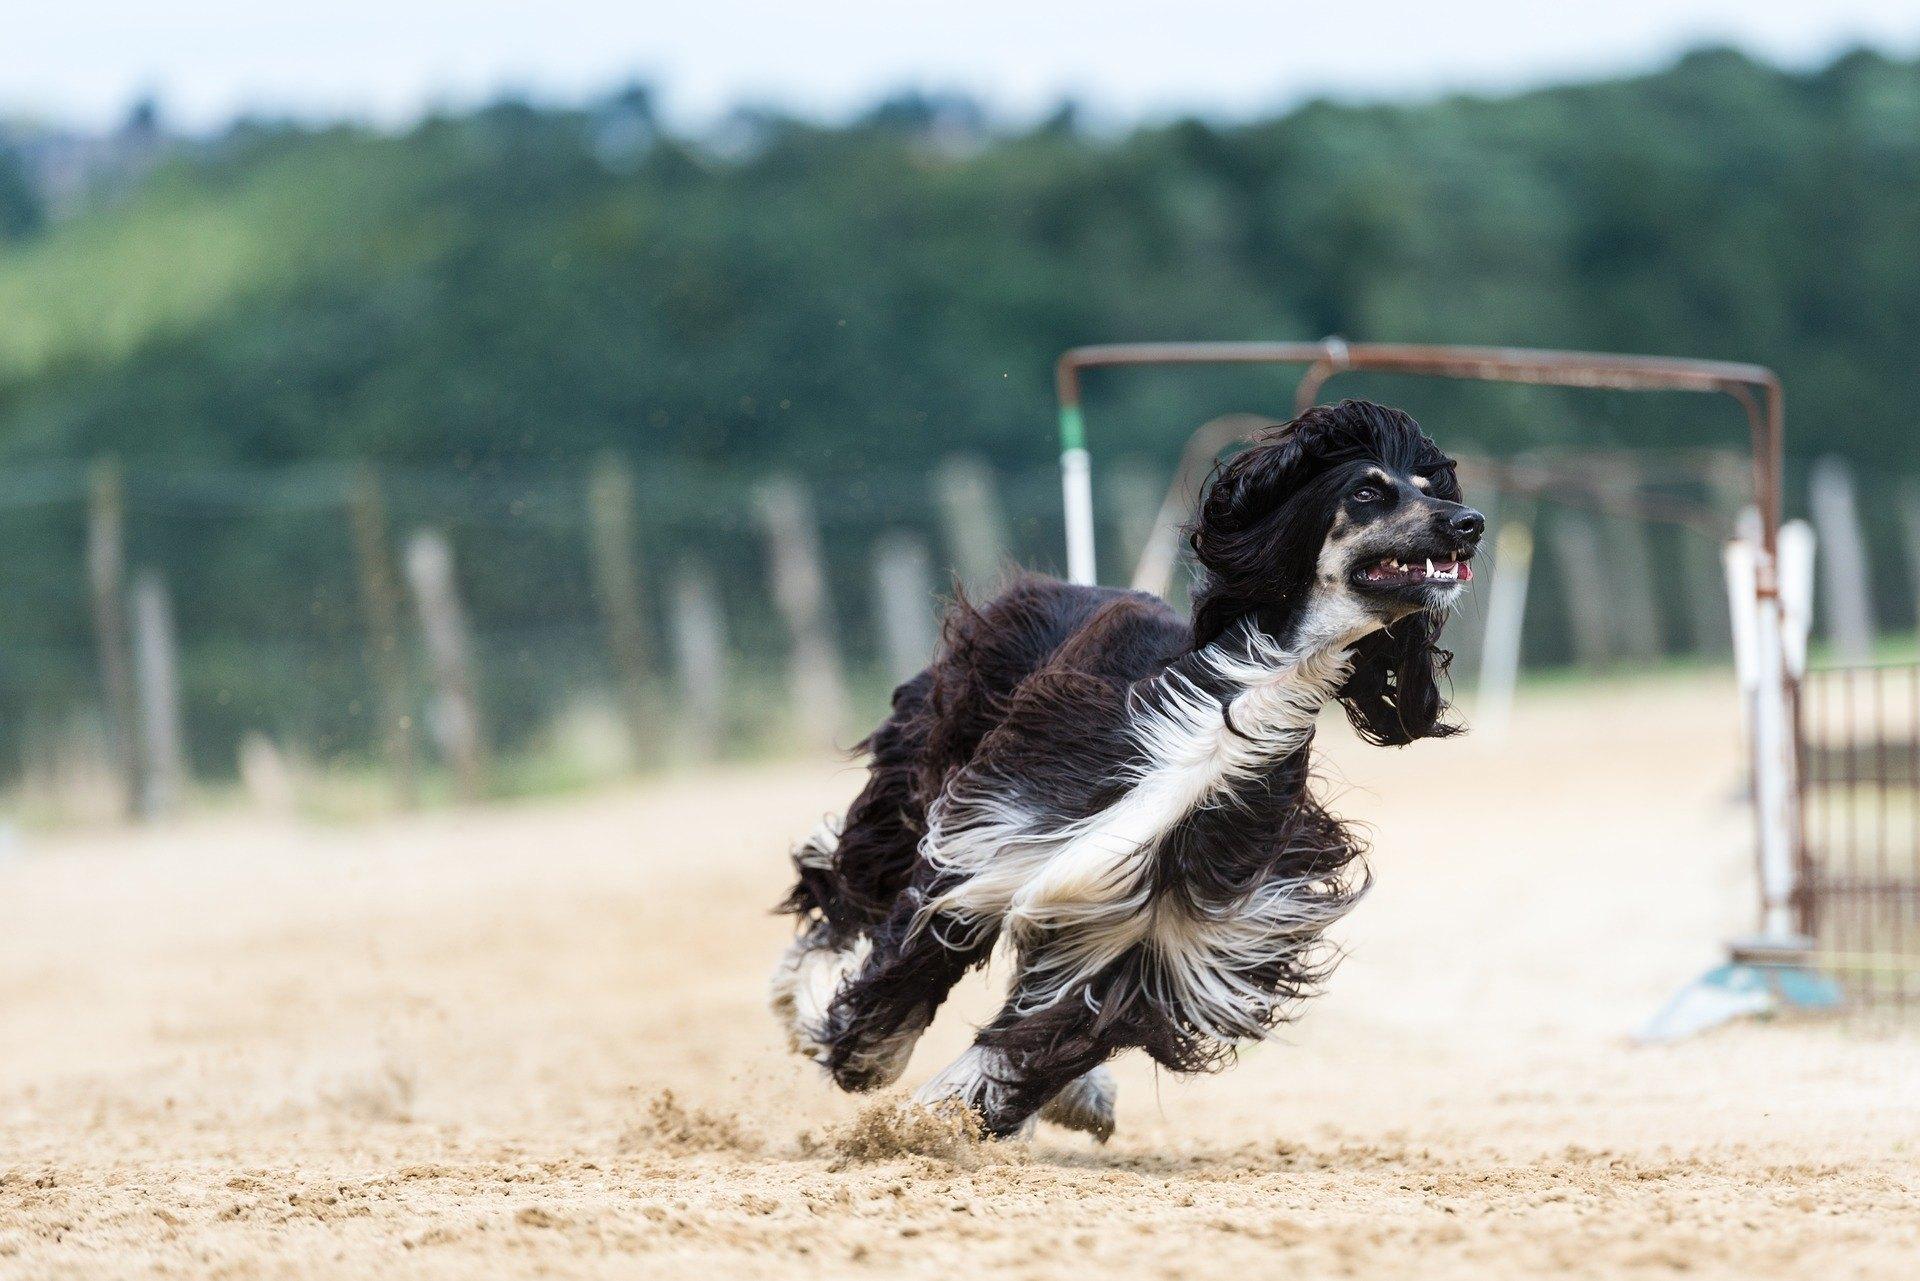 Afganský chrt je veľký pes originálneho vzhľadu. Je nezávislý a má rád fyzickú aktivitu.